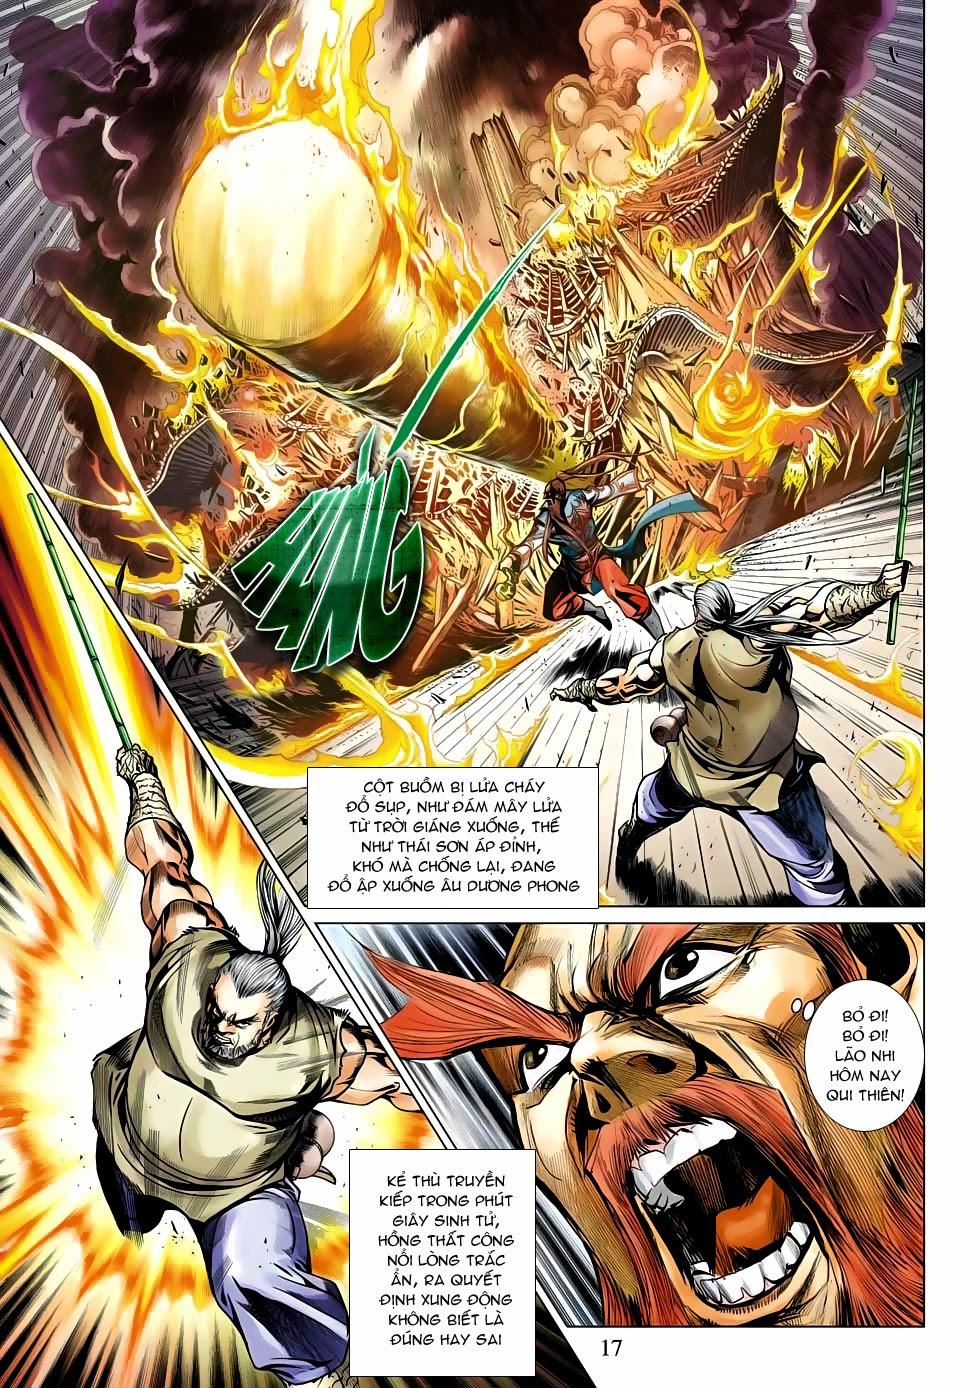 Anh Hùng Xạ Điêu anh hùng xạ đêu chap 53: lâm nguy thụ mệnh đả cẩu học pháp trang 18